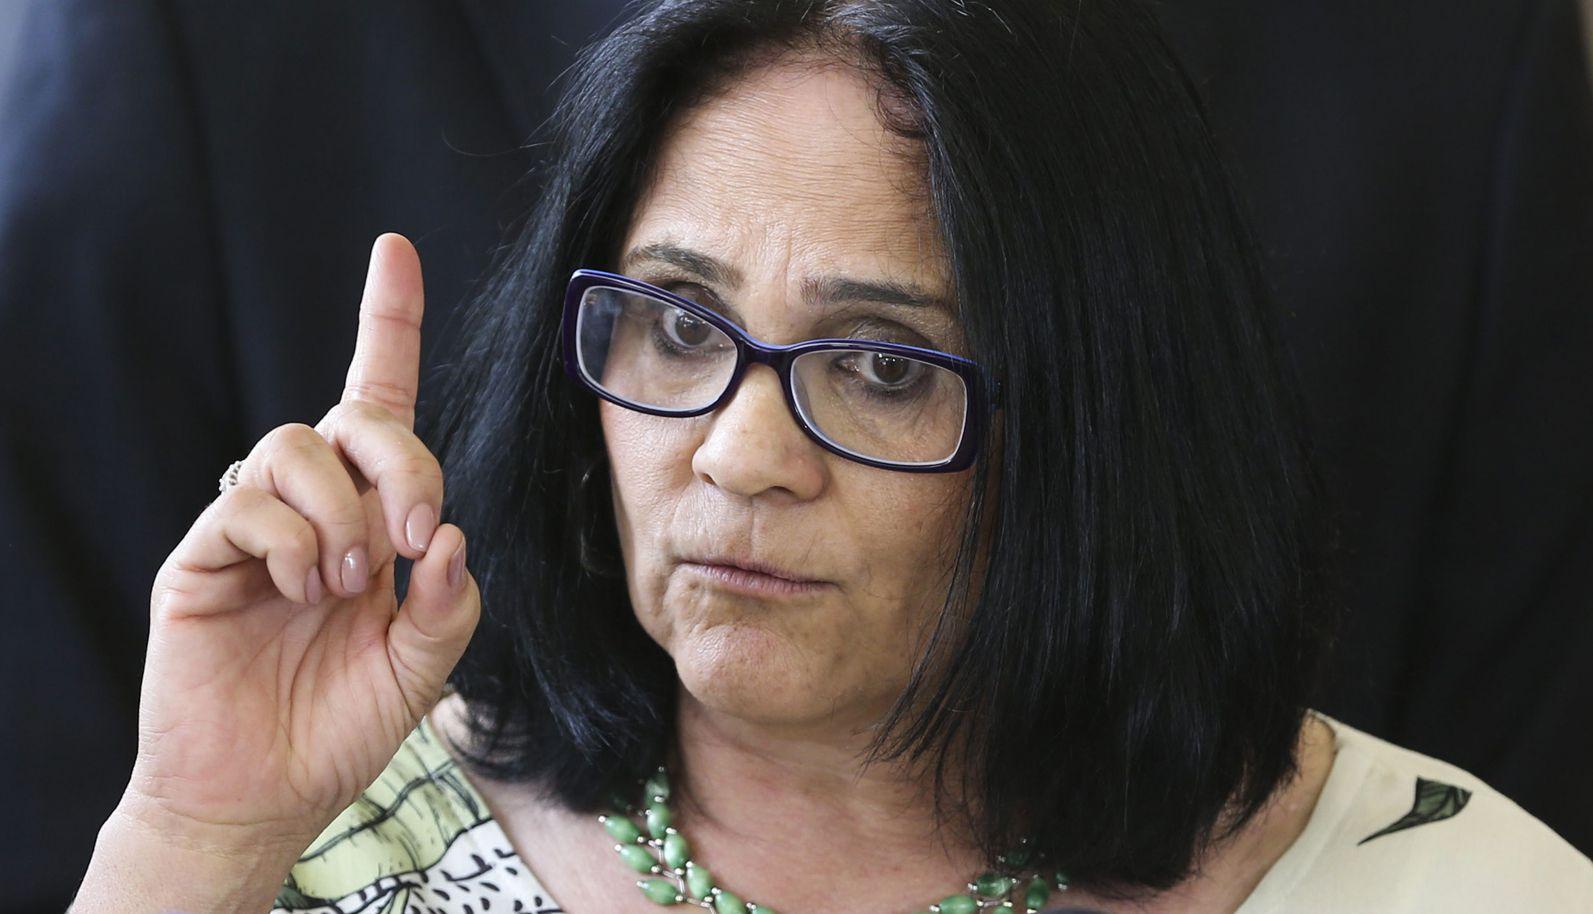 A ministra da pasta Mulher, Família e Direitos Humanos, Damares Alves|Foto: Valter Campanato/Ag. Brasil